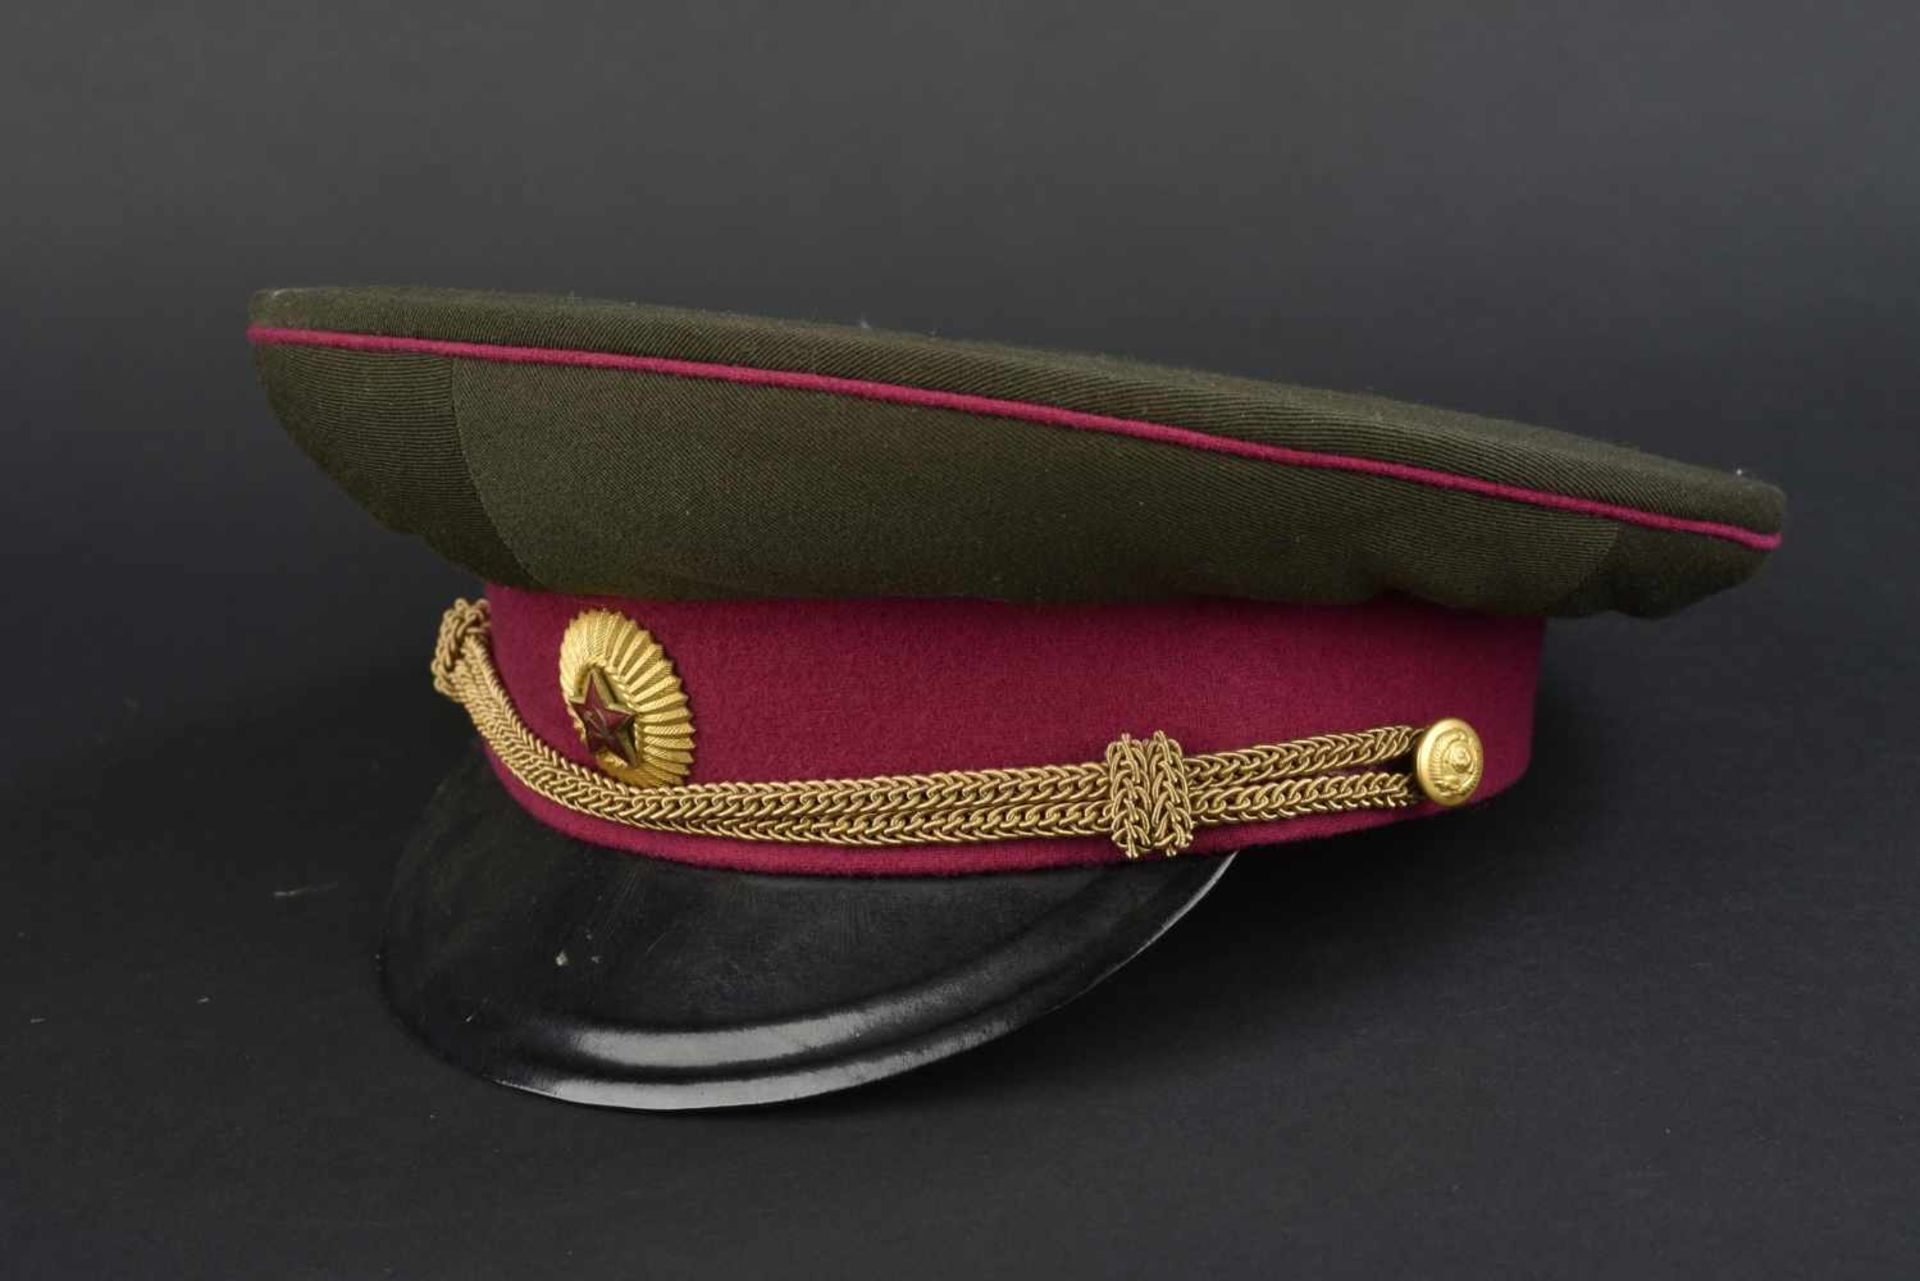 Casquette de service de général d'infanterie soviétique avant 1956 En tissu kaki, bandeau et - Bild 2 aus 4